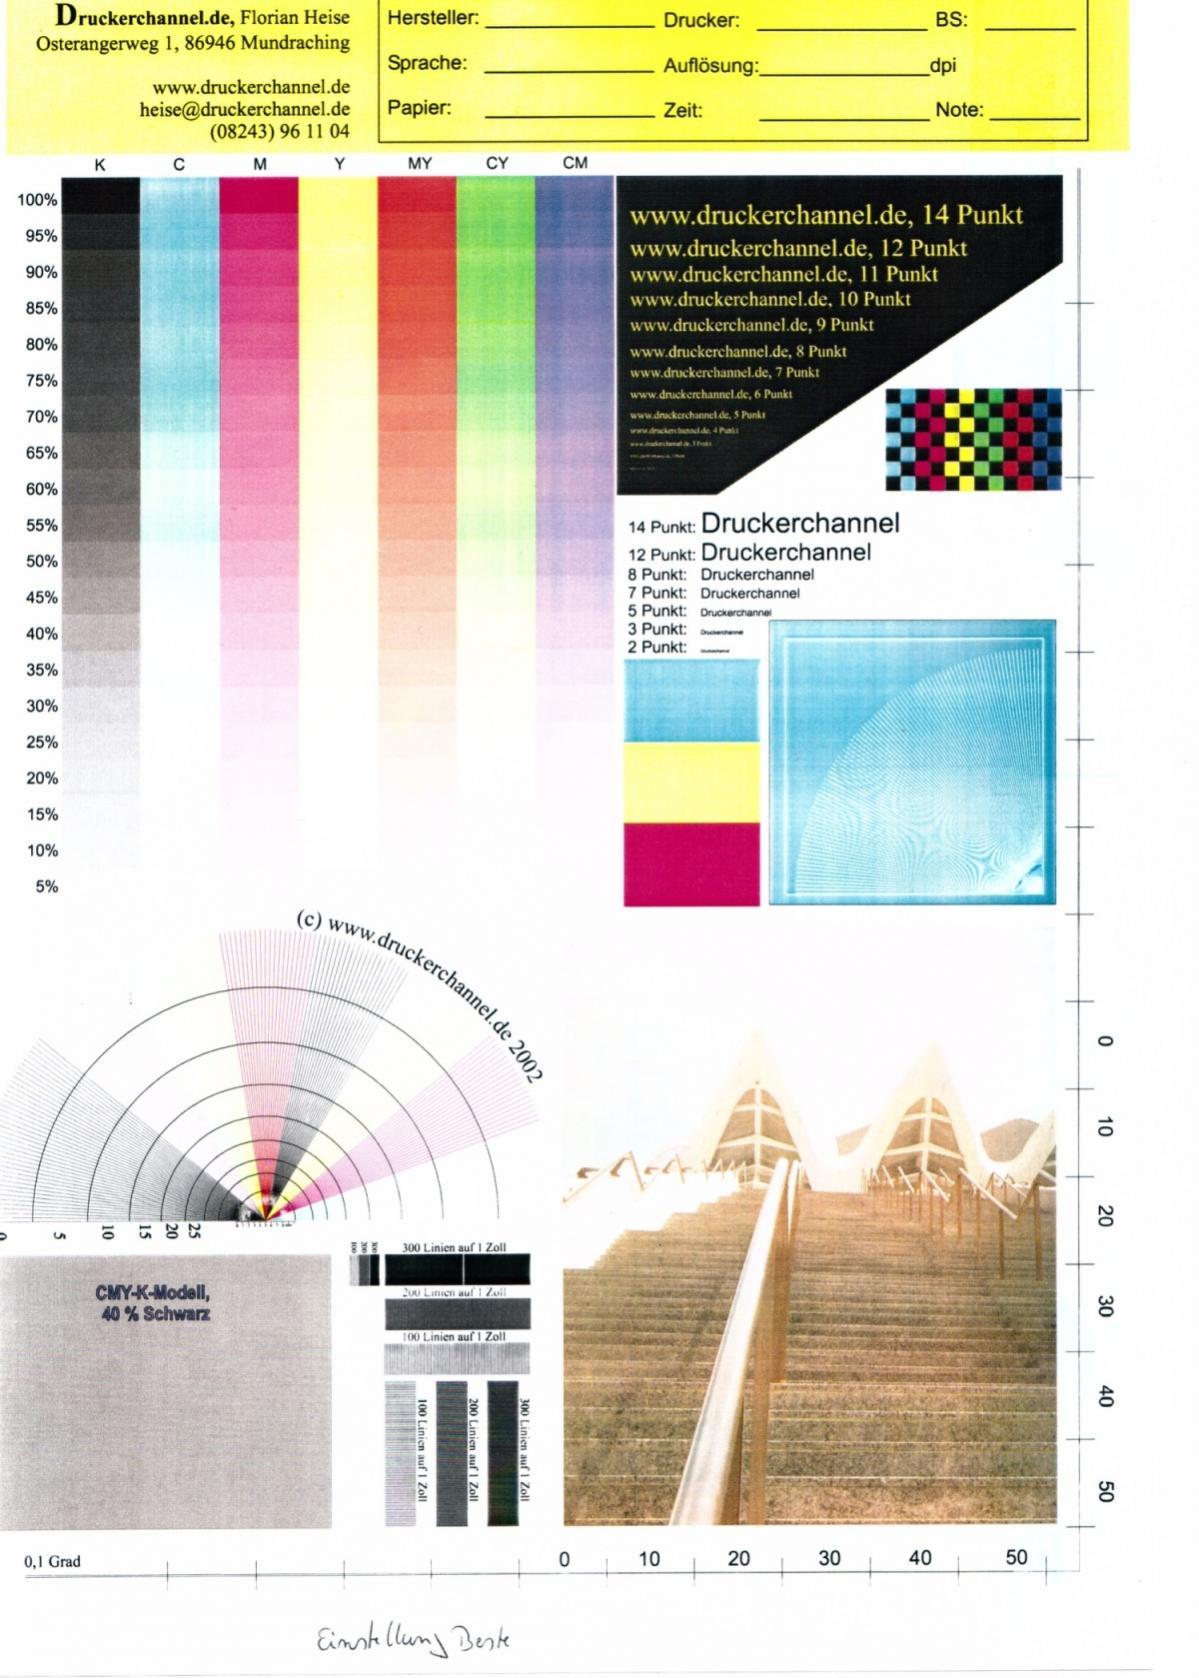 Großzügig Farbtestseite Für Drucker Galerie - Entry Level Resume ...